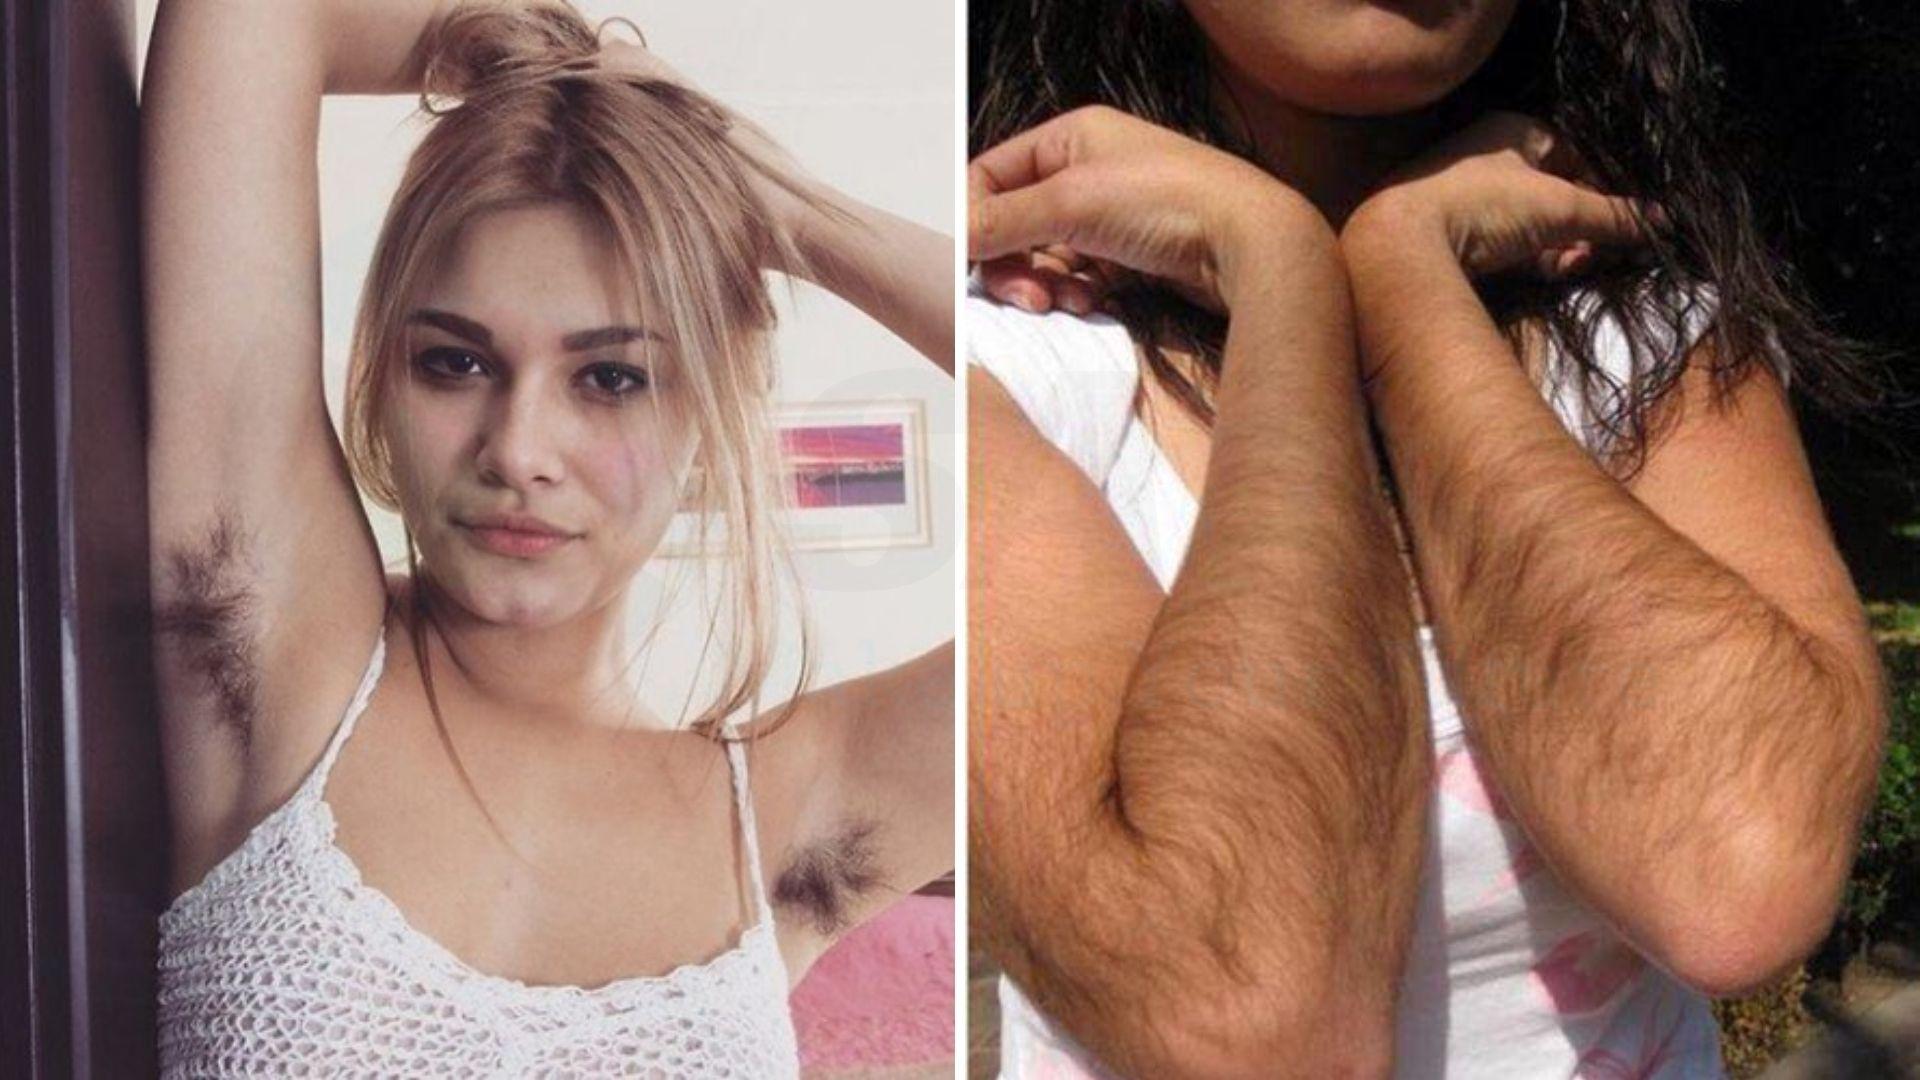 Tại sao phụ nữ mắc chứng lông nhiều